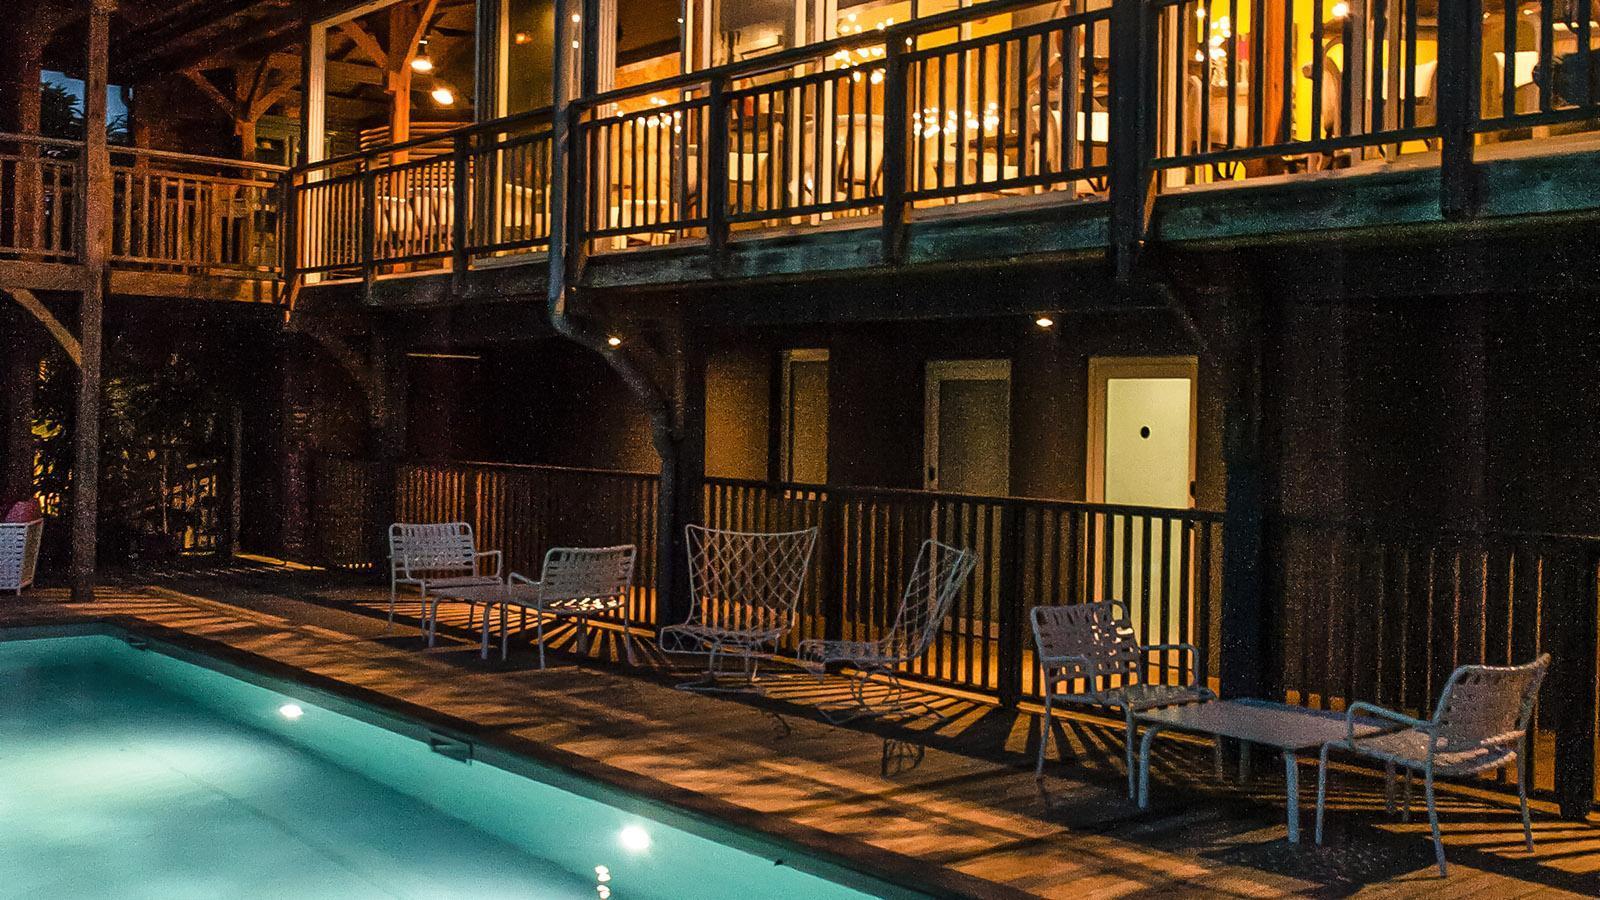 French Coco: Abends wird der Pool stimmungsvoll beleuchtet. Foto: Hilke Maunder